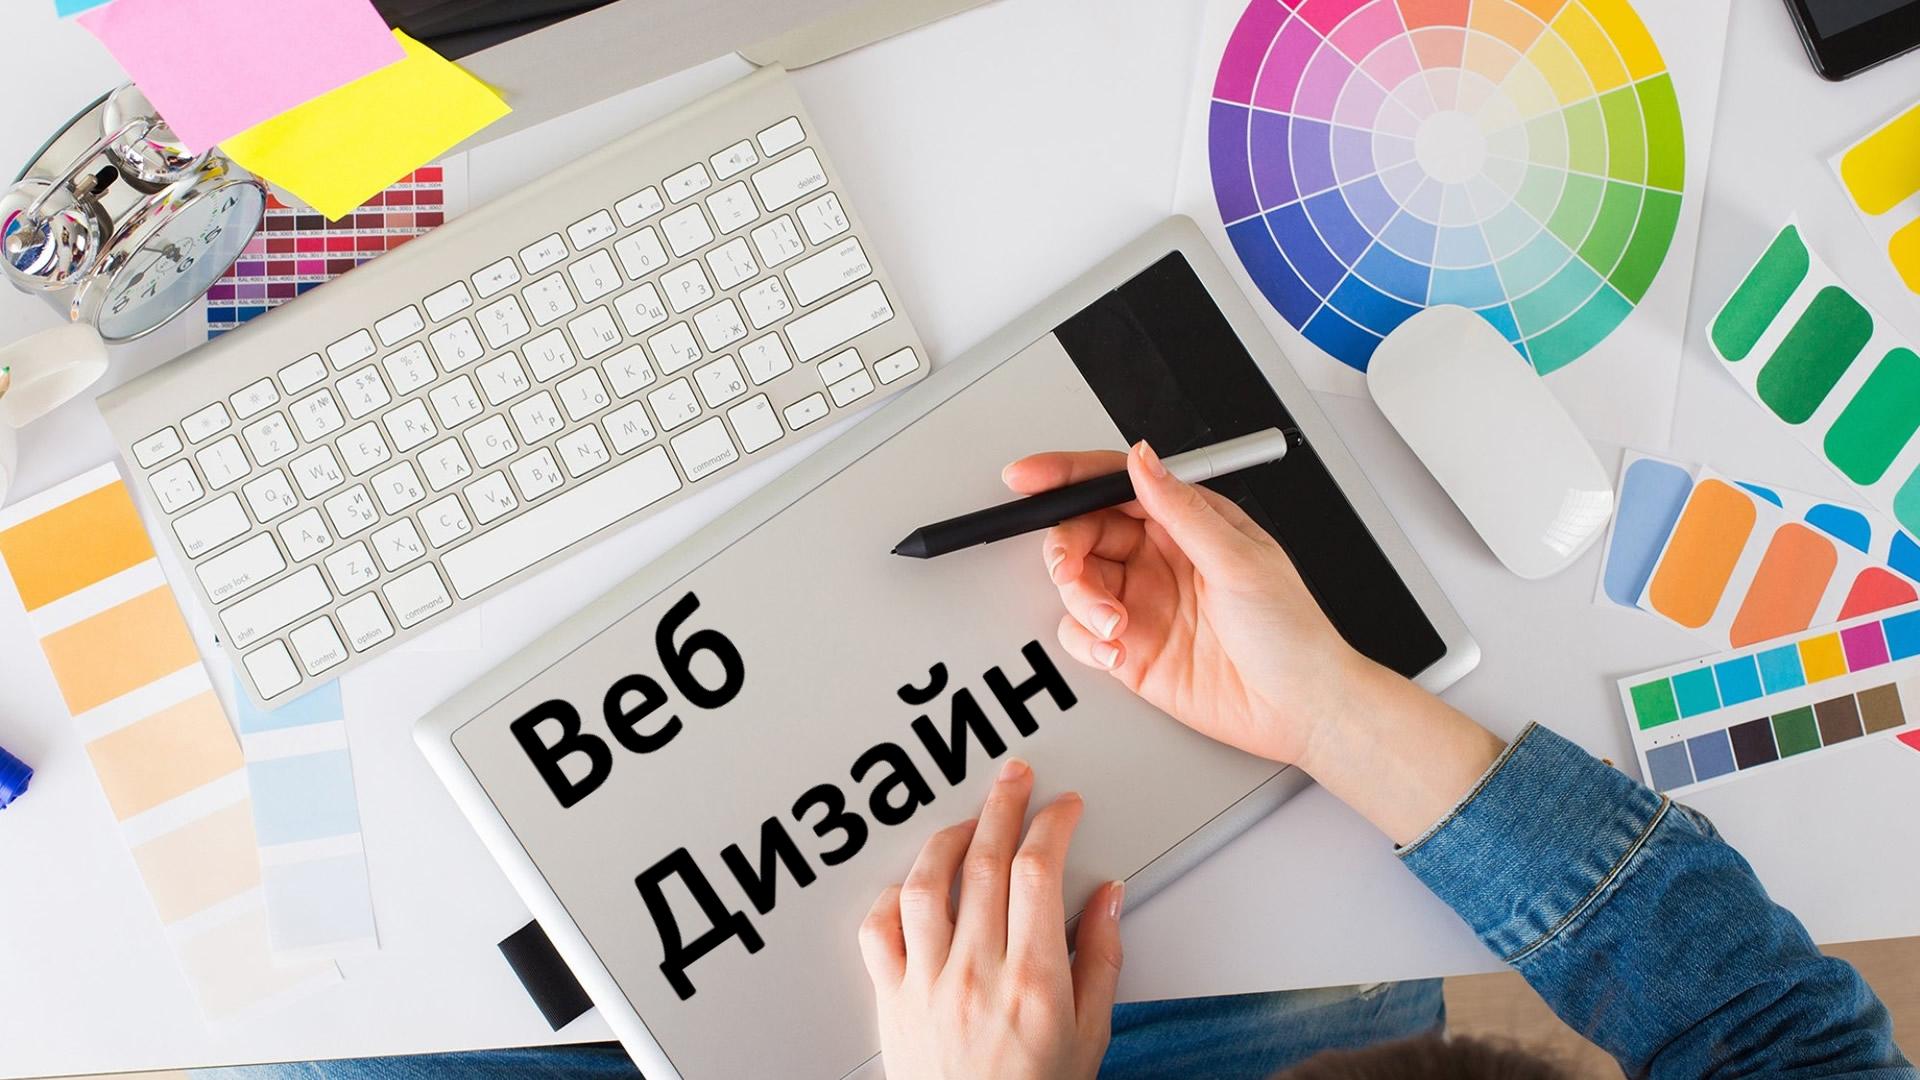 откуда берут картинки веб дизайнеры того